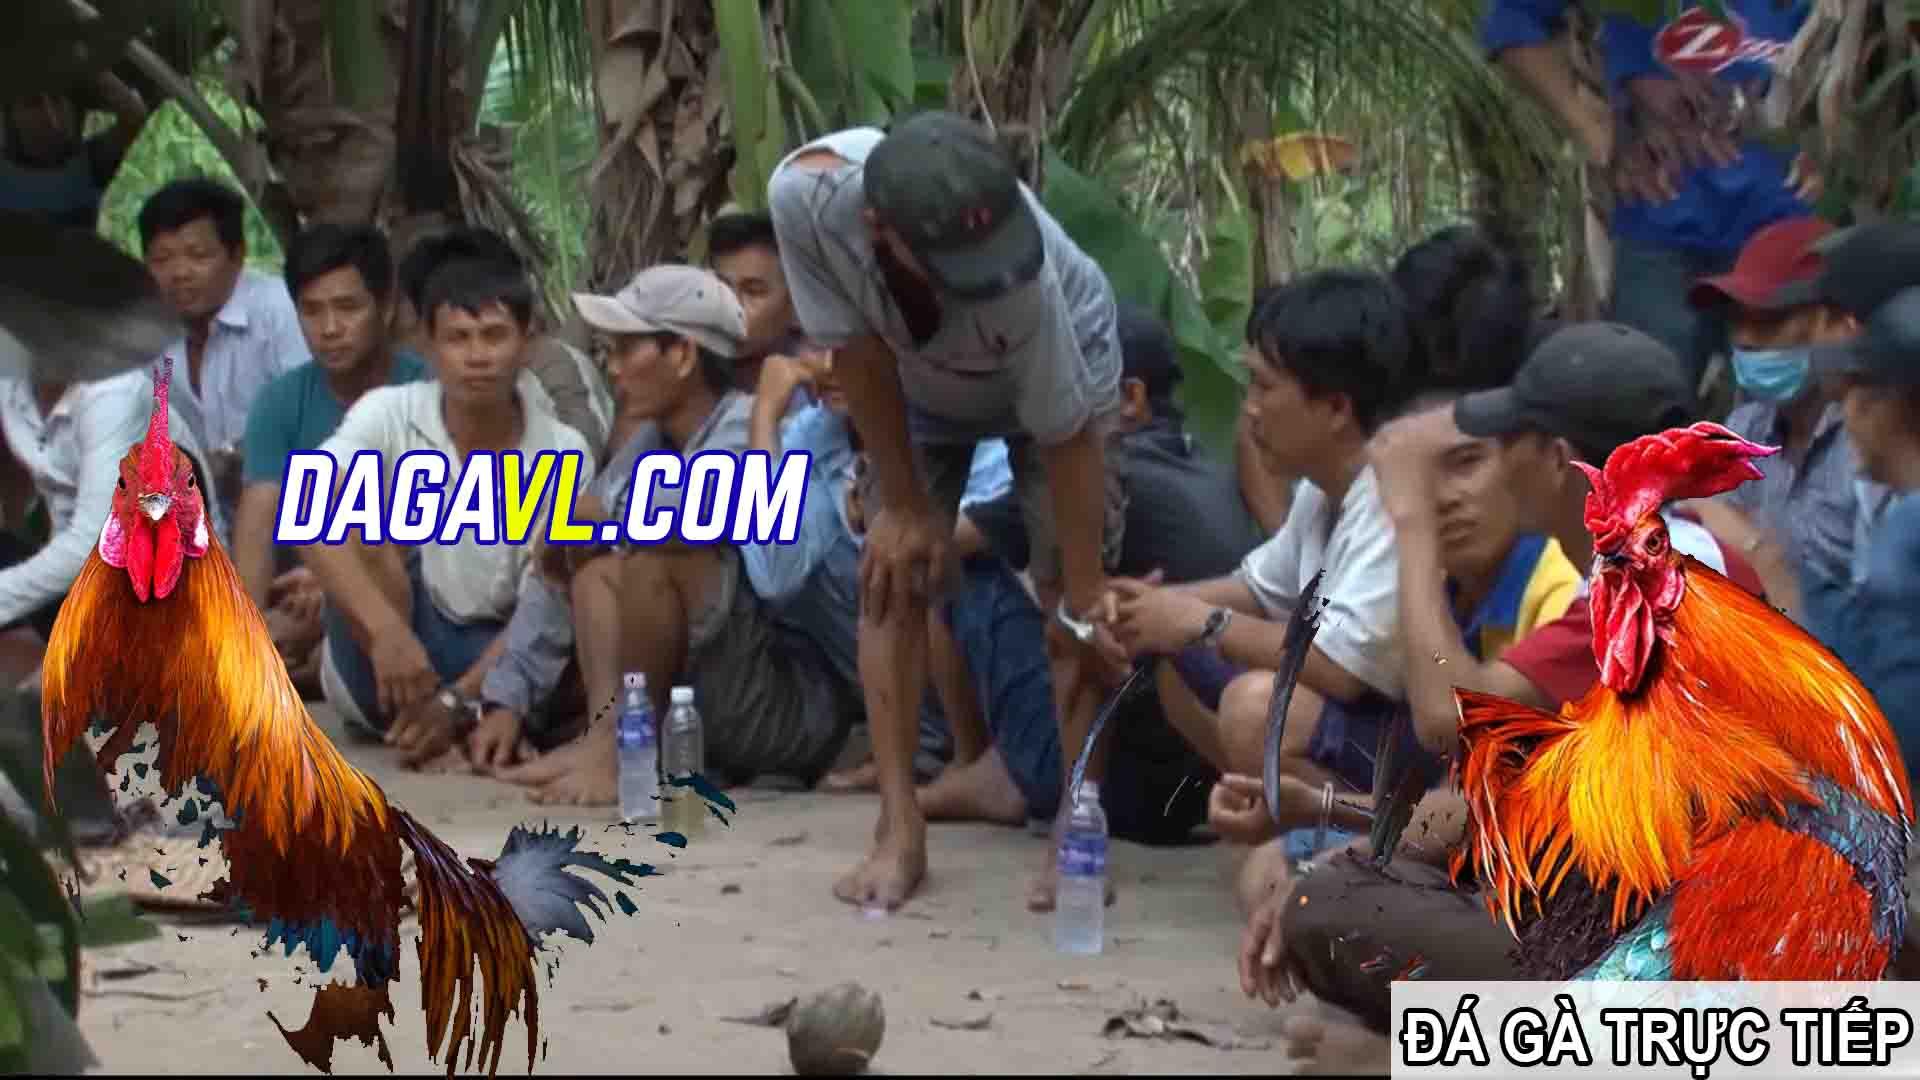 DAGAVL.COM - đá gà trực tiếp. Bắt 28 đối tượng đá gà ăn tiền tại Hòa Thành